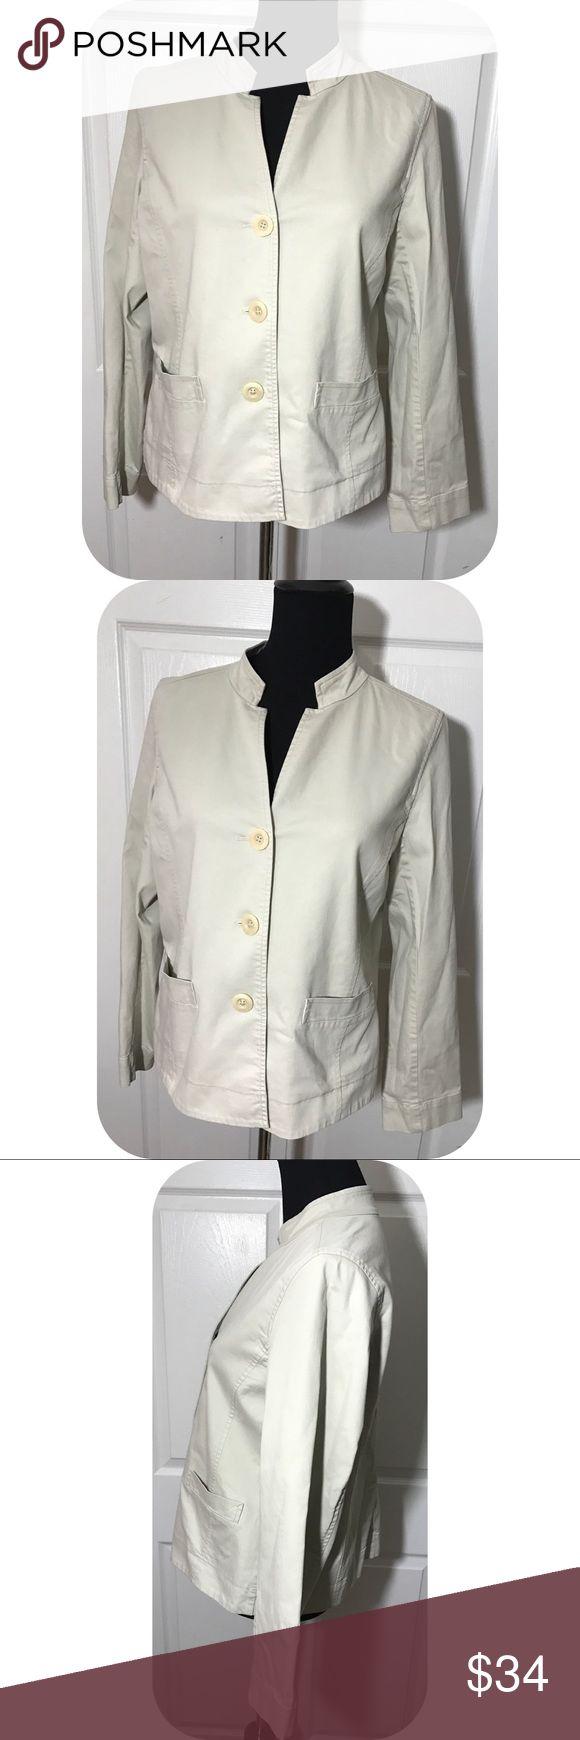 Eileen Fisher stretch cotton khaki blazer jacket GUC - stretch cotton - unlined - pockets - button front Eileen Fisher Jackets & Coats